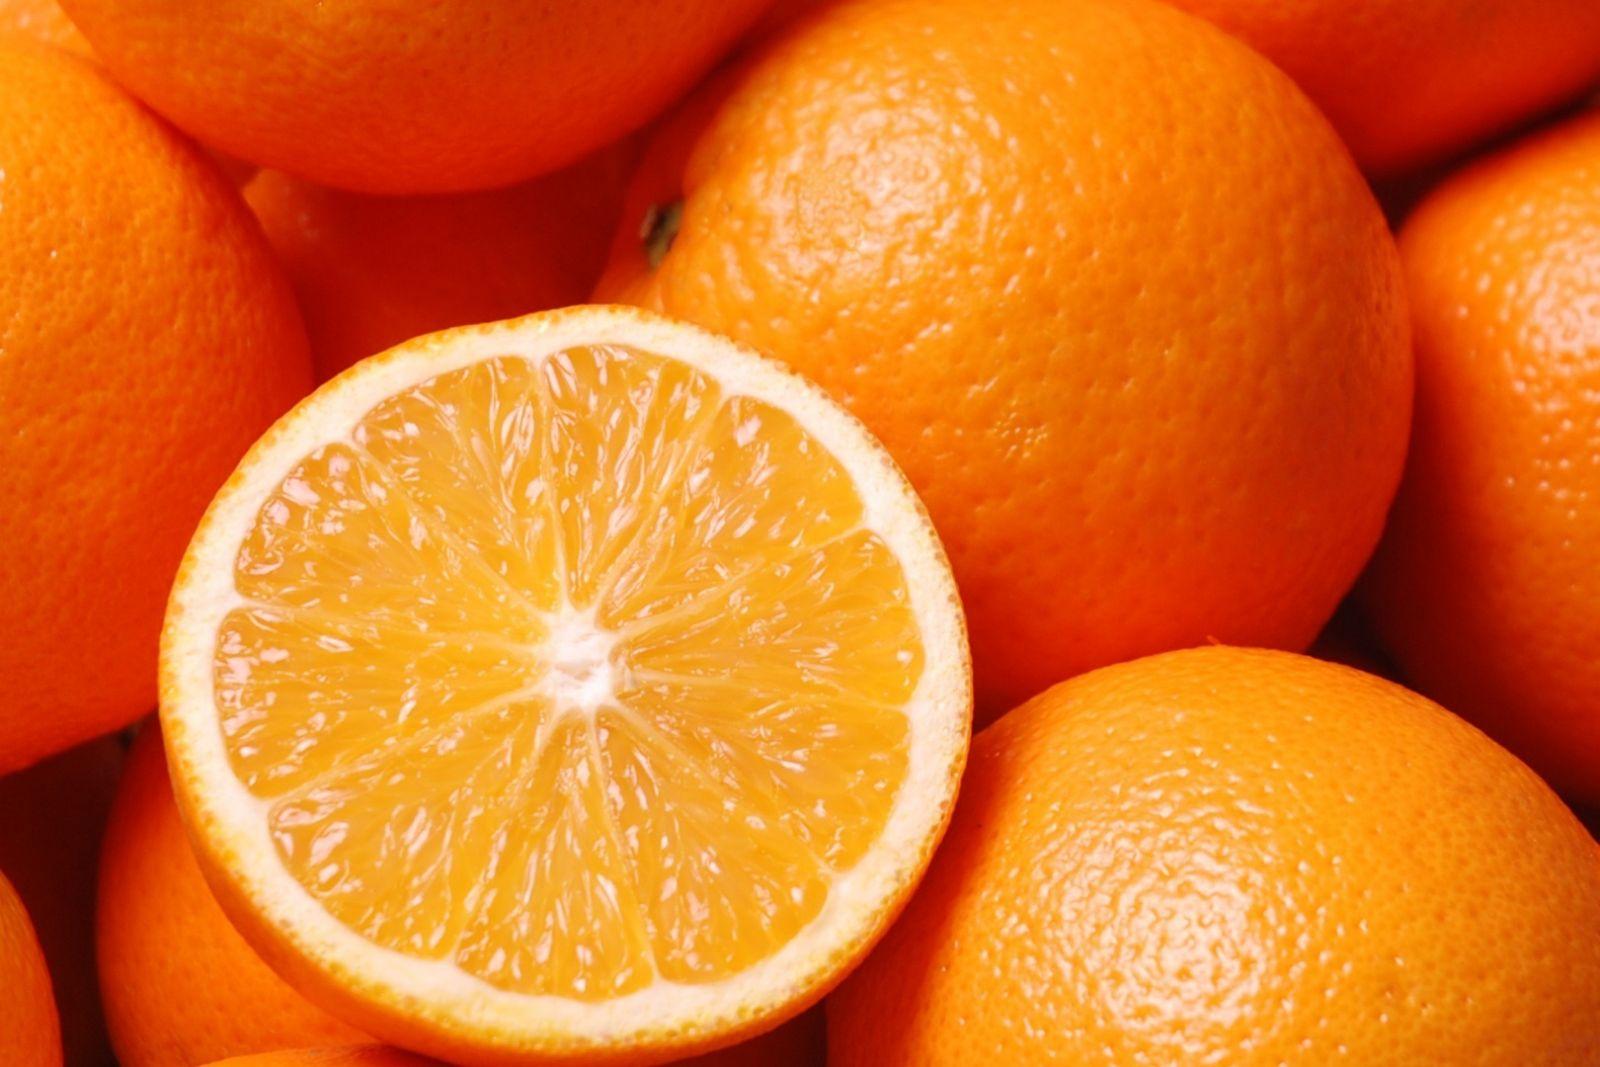 Mẹo chọn cam ngon, ngọt, nhiều nước nhất - Ảnh 1